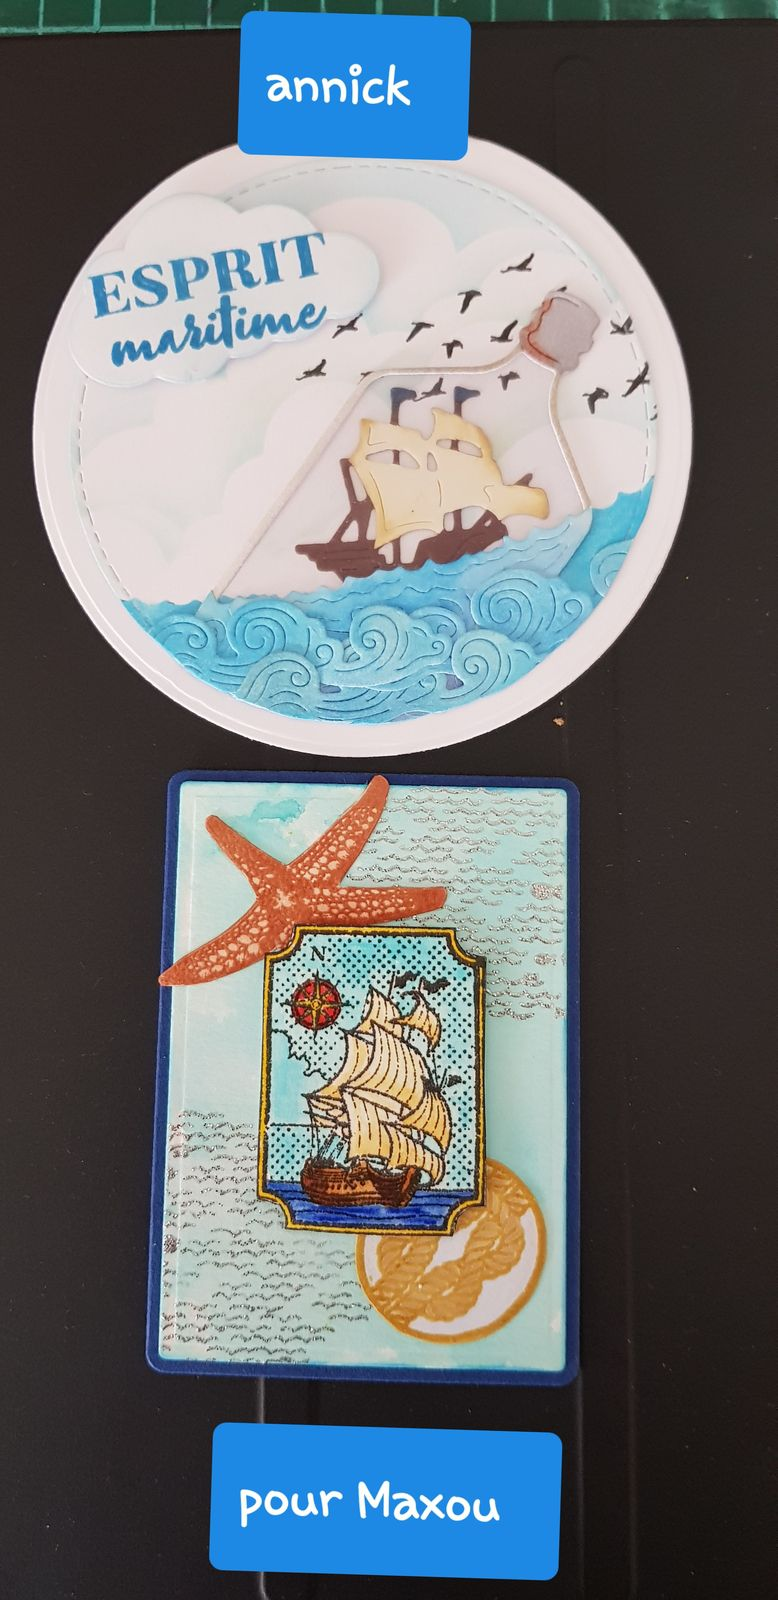 Voici la belle atc reçue  de Annick accompagnée d une jolie carte